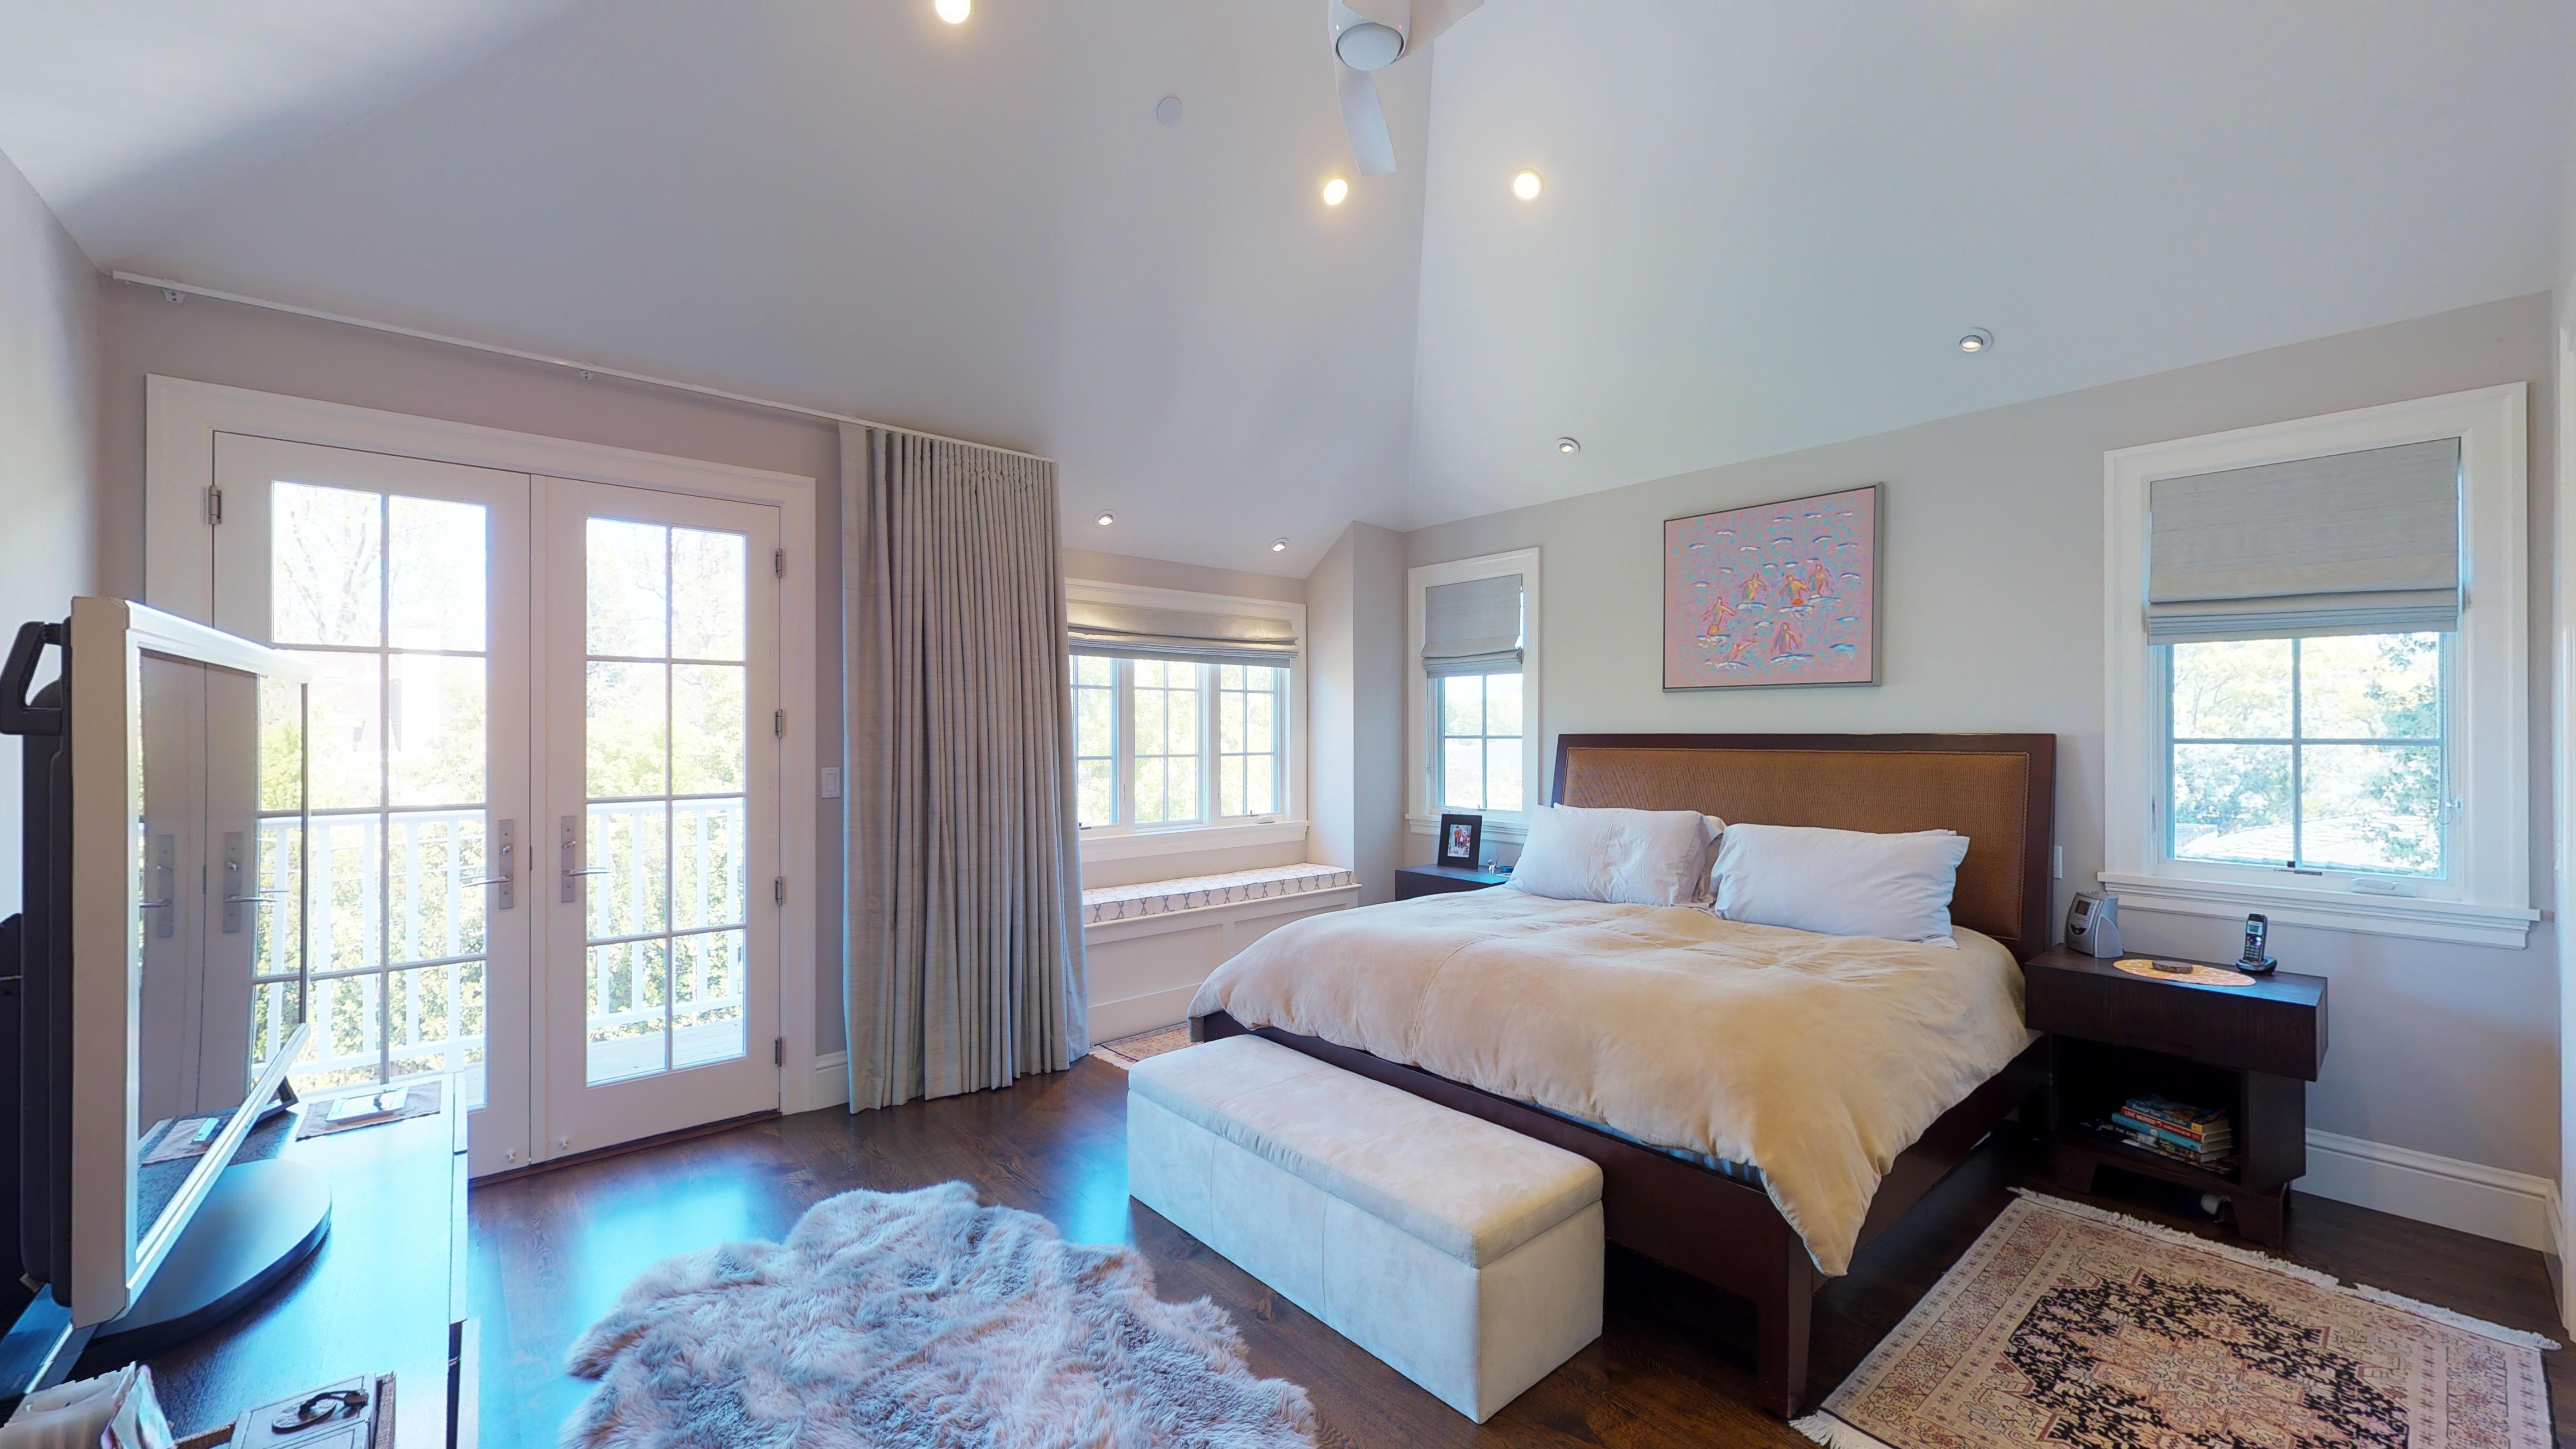 14 - Master Bedroom, Right Corner